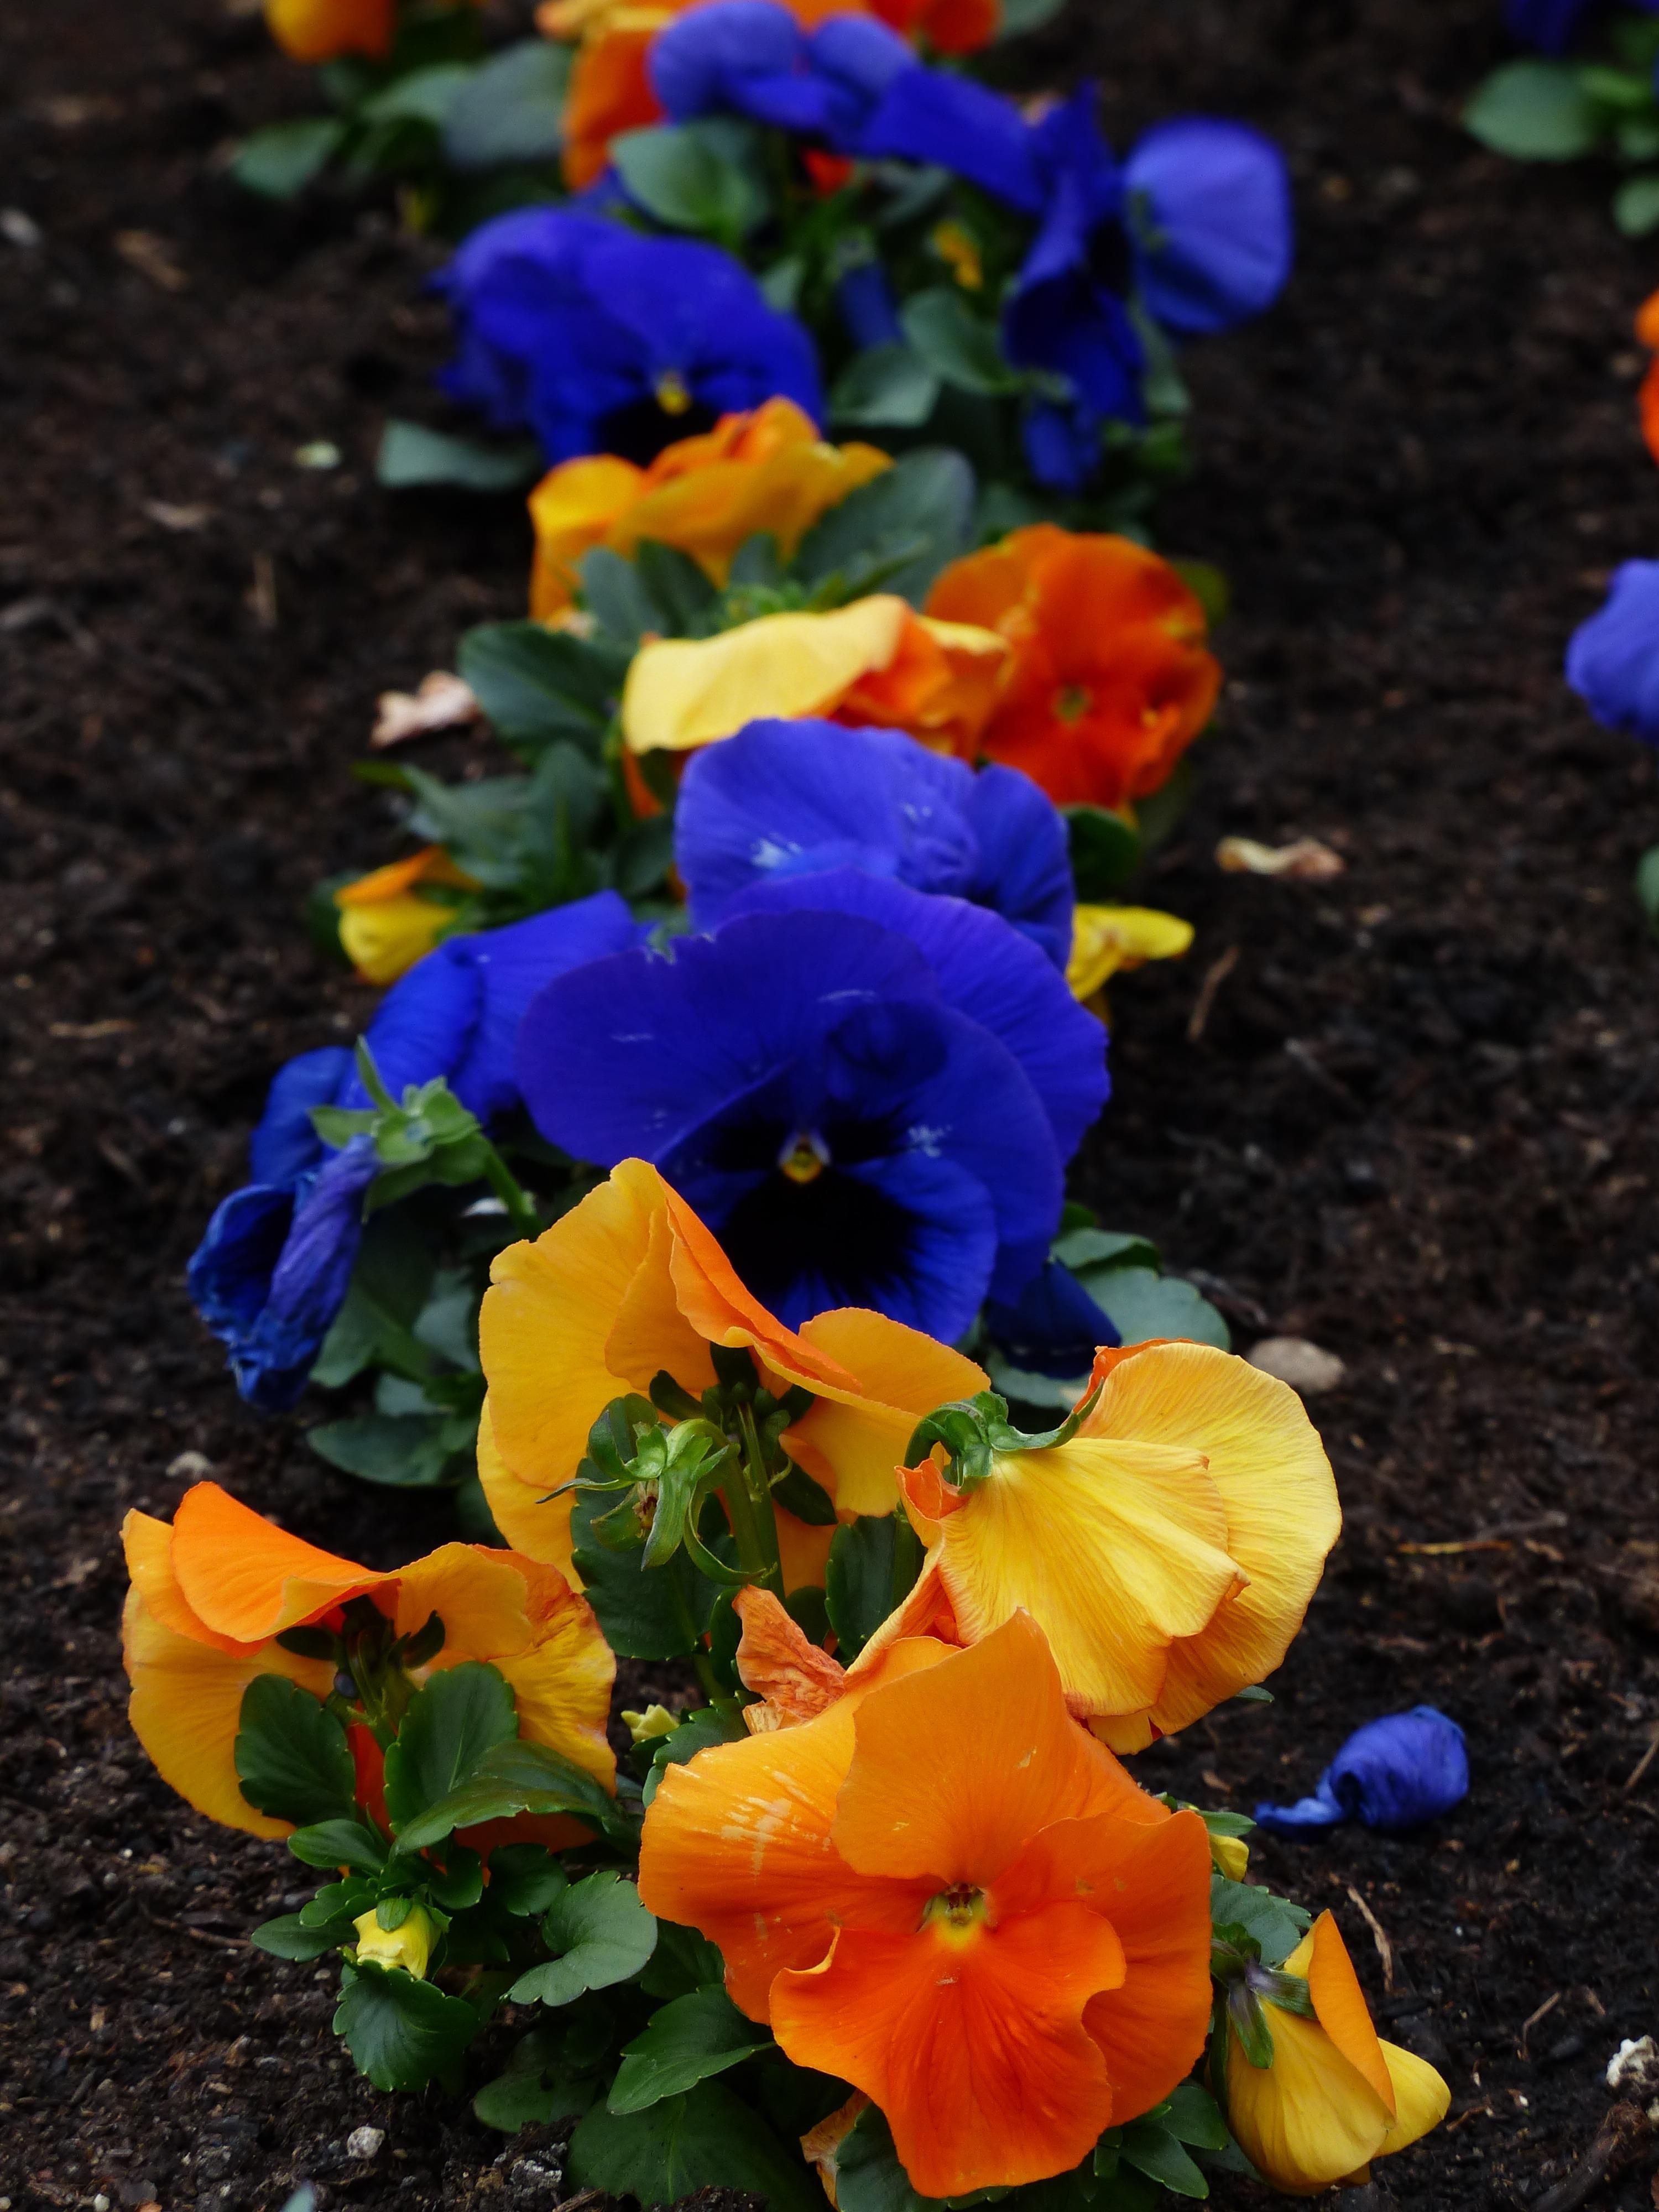 Images Gratuites Fleur Petale Orange Botanique Bleu Jaune